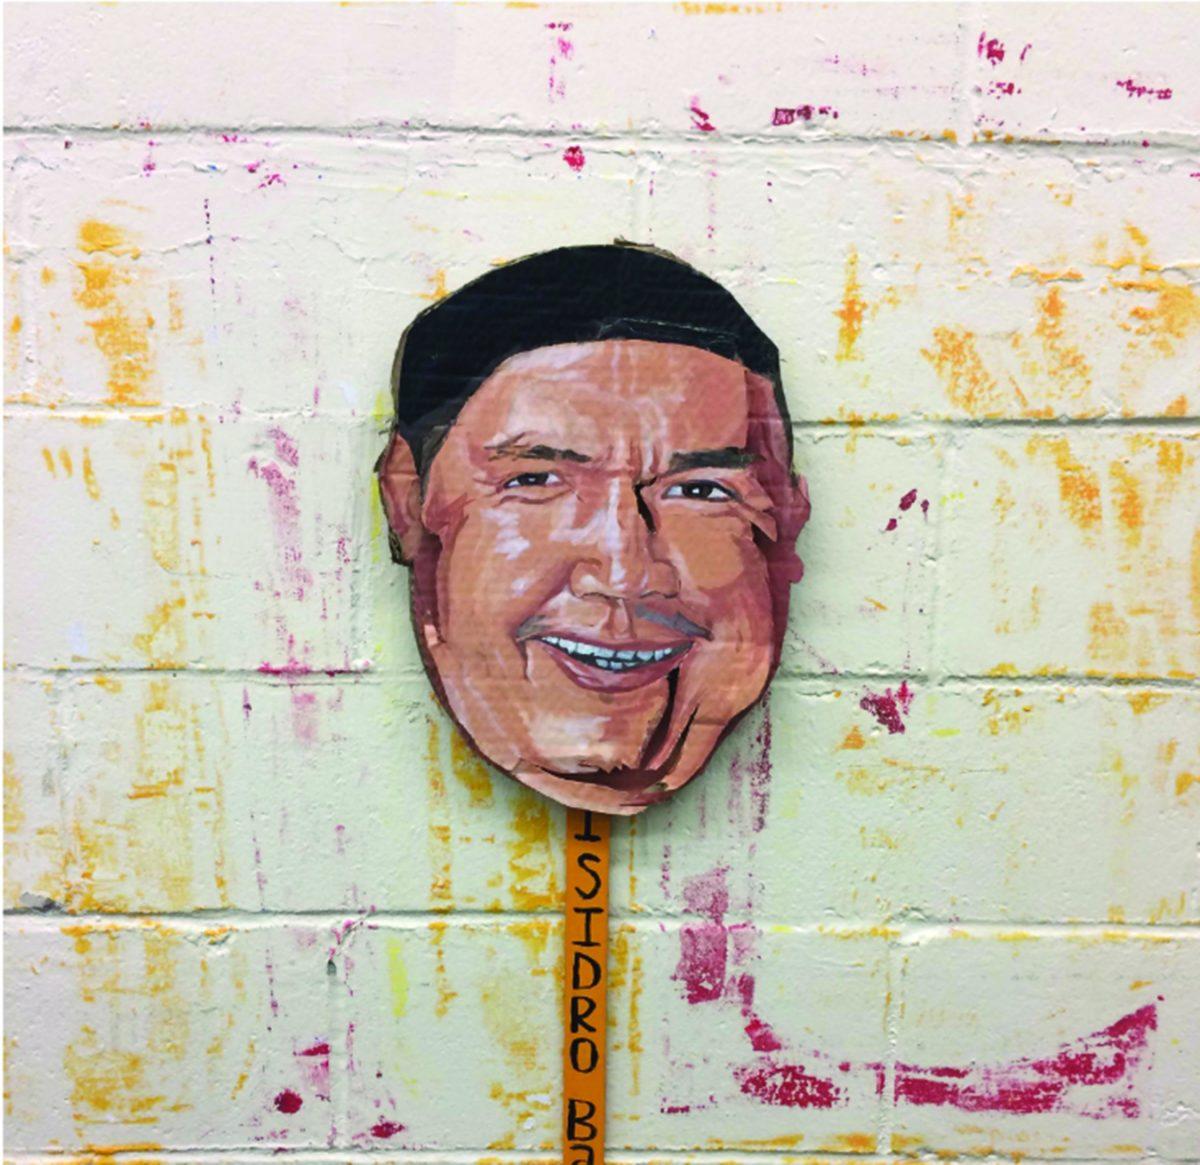 Cardboard rendering of Isidro Baldenegro López